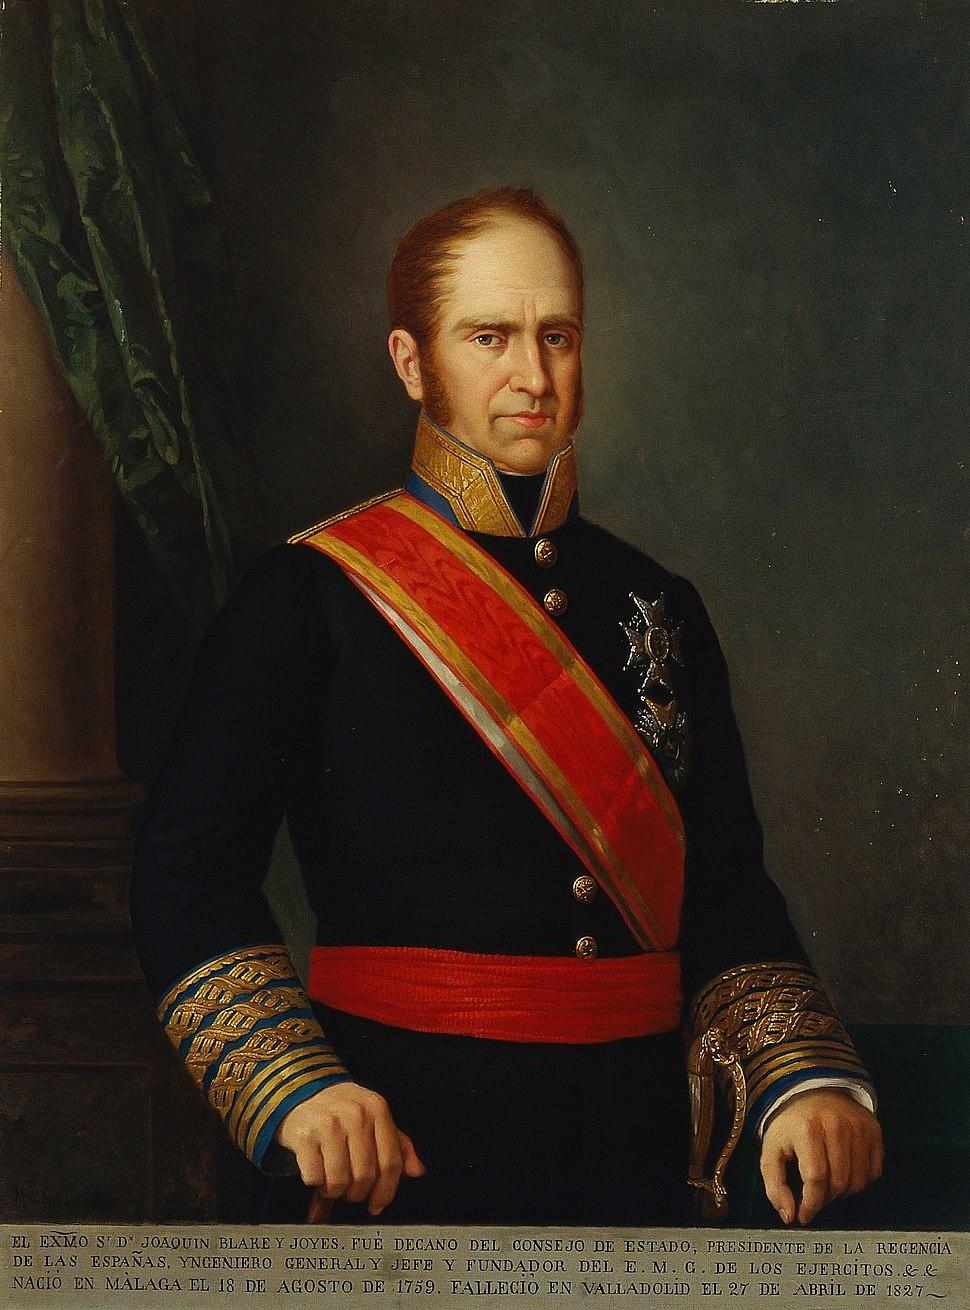 El general Joaquín Blake y Joyes, por Manuel Ojeda